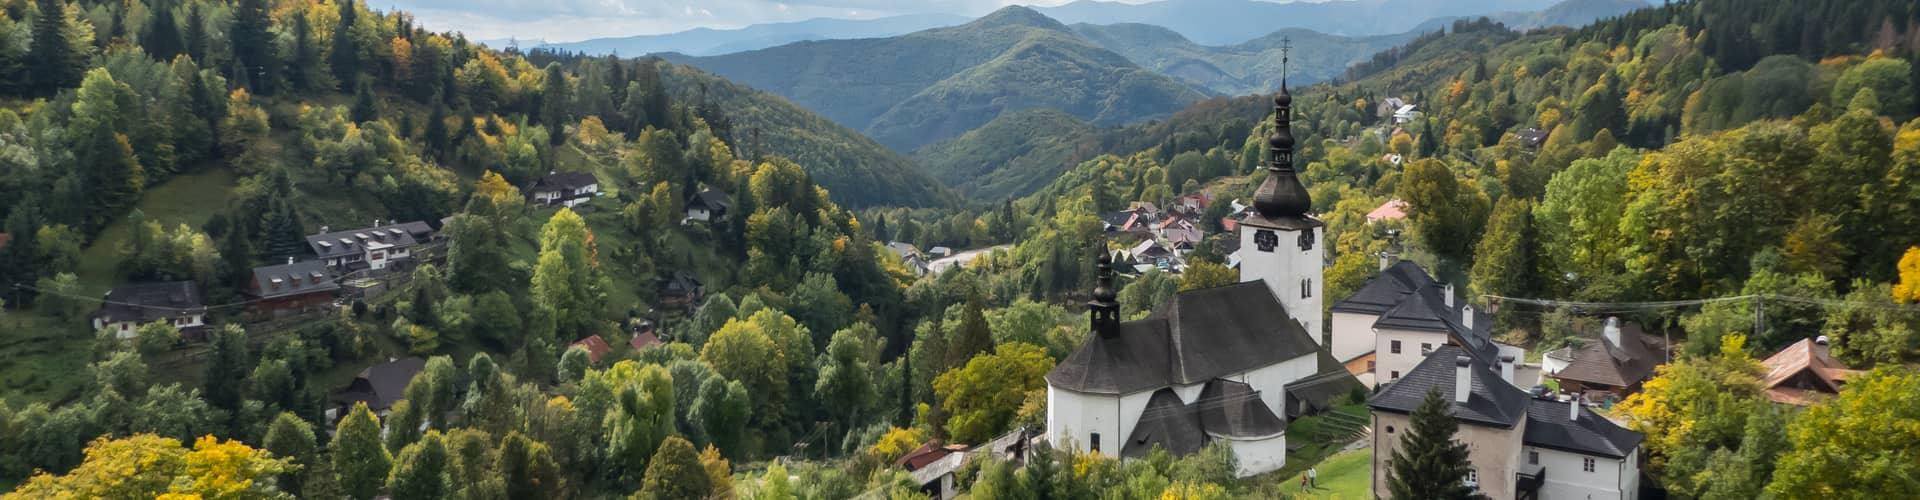 Kamperen in Banská Bystrica